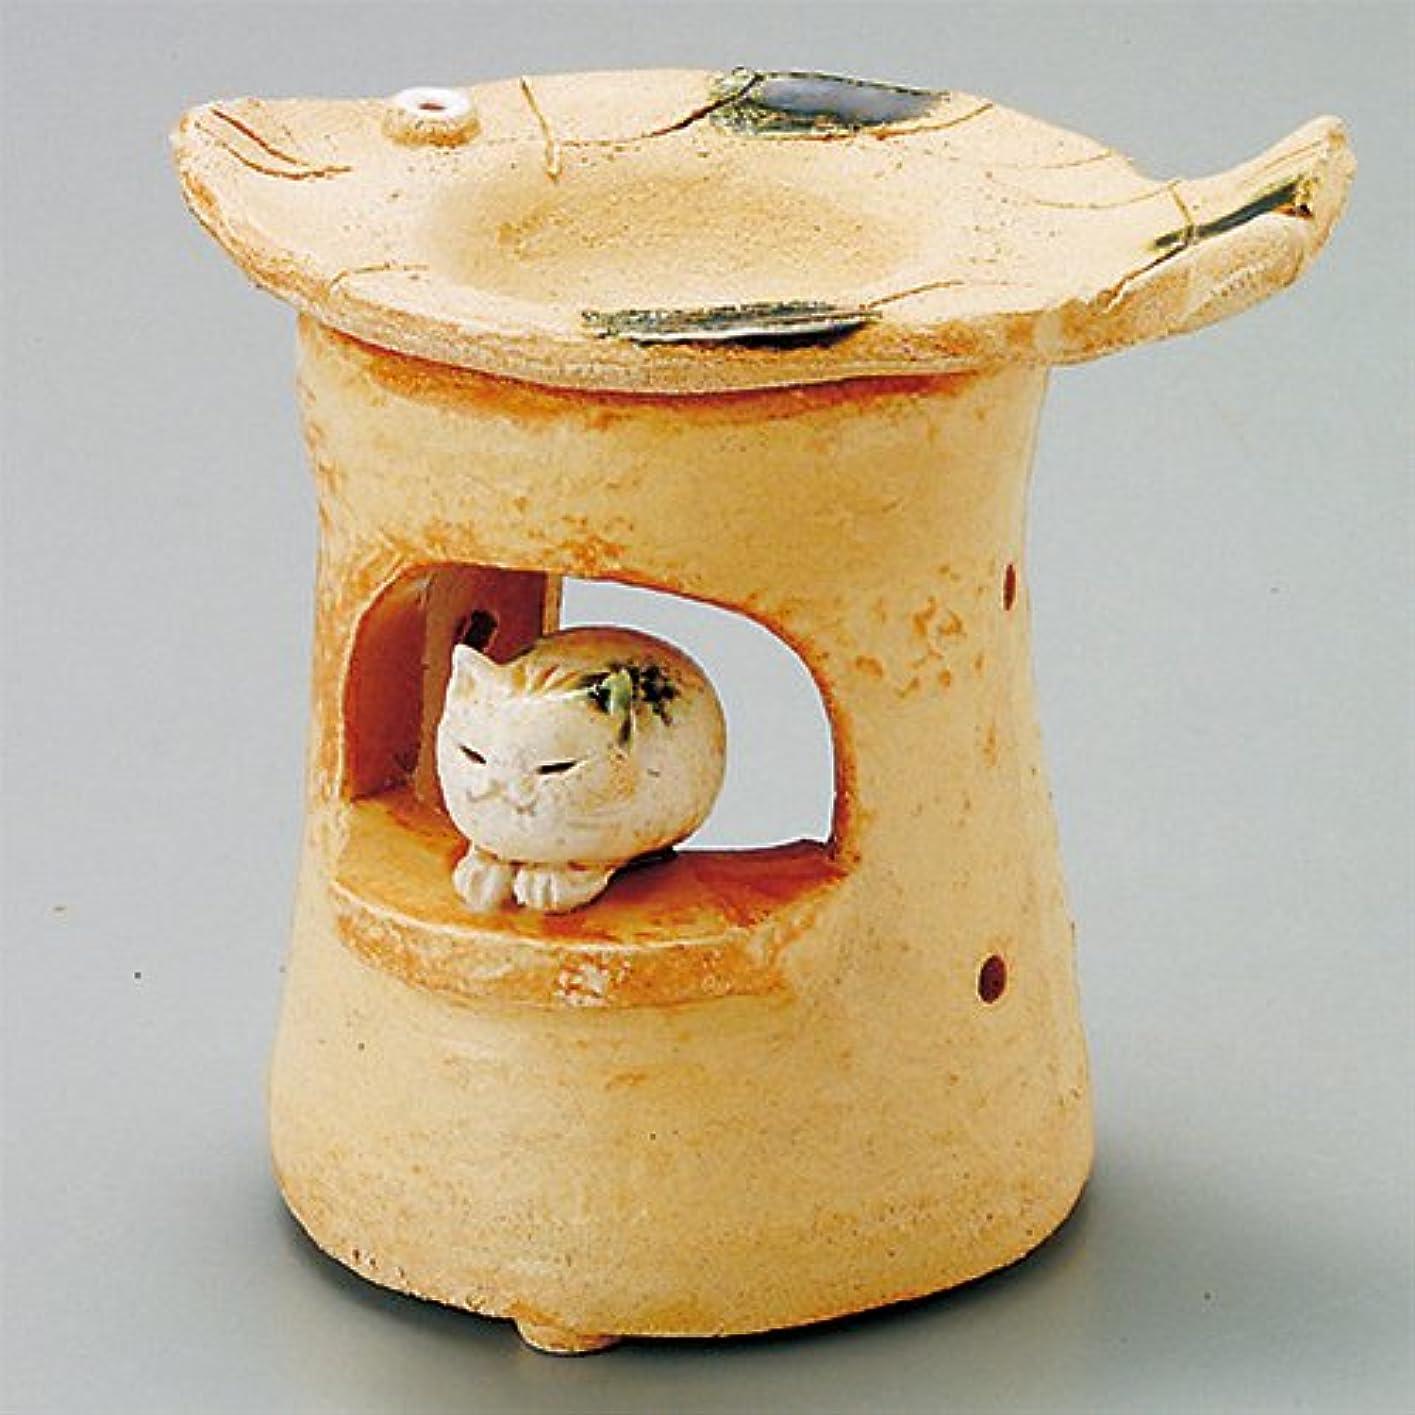 ペーストまたおなかがすいた島ねこ 島ねこ 茶香炉 [12x8.5xH11.5cm] HANDMADE プレゼント ギフト 和食器 かわいい インテリア